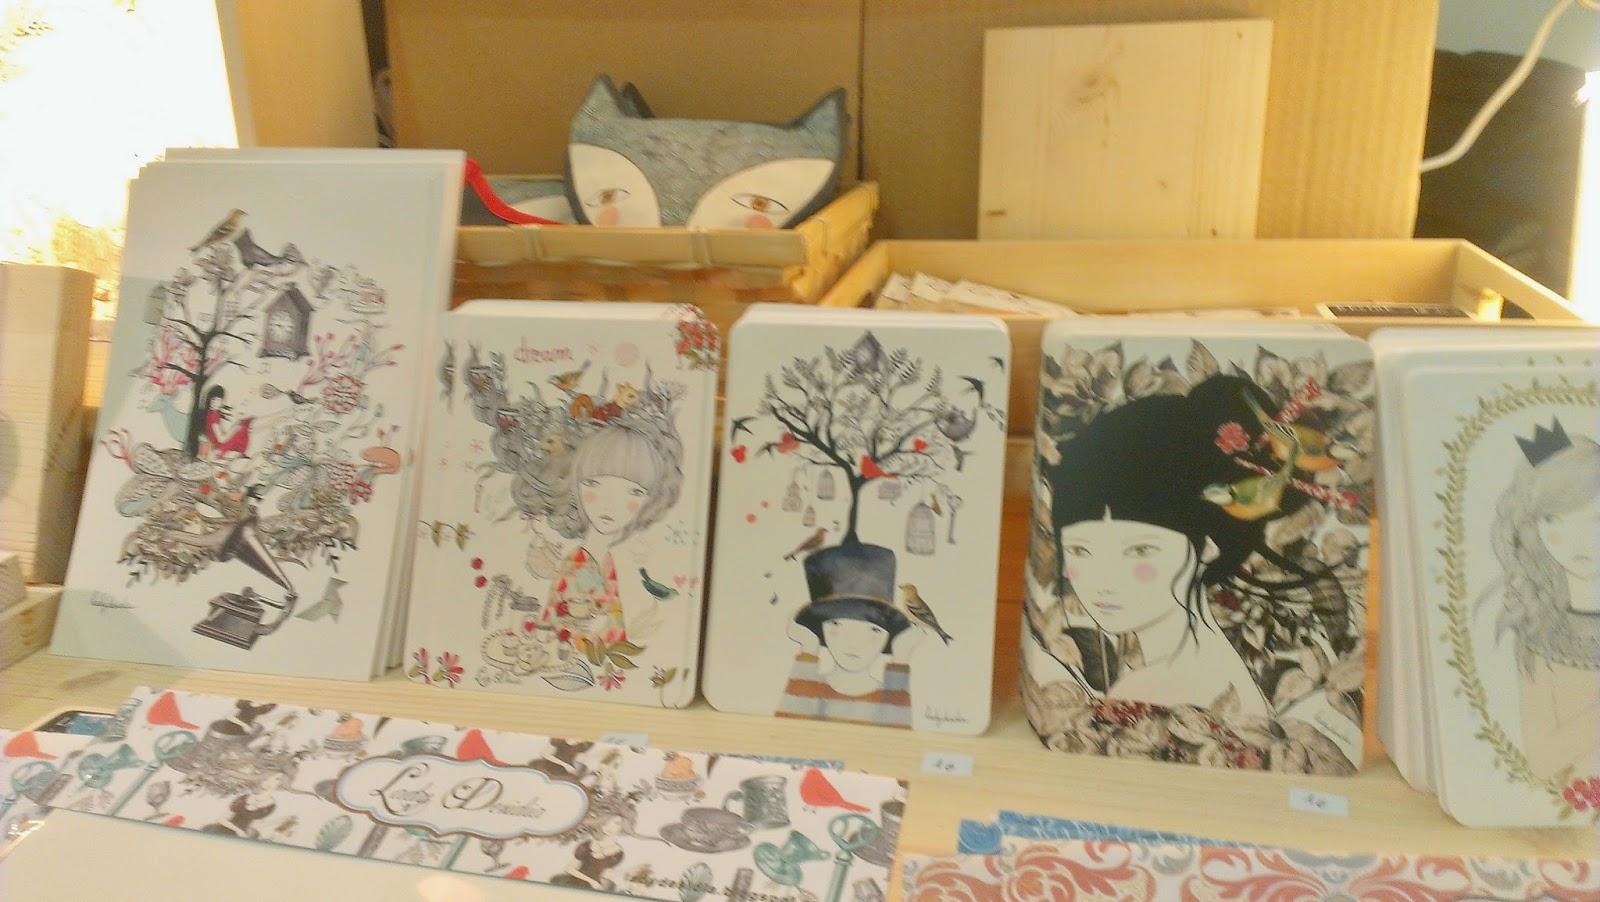 Feria de manualidades DIY Show (2ª parte)